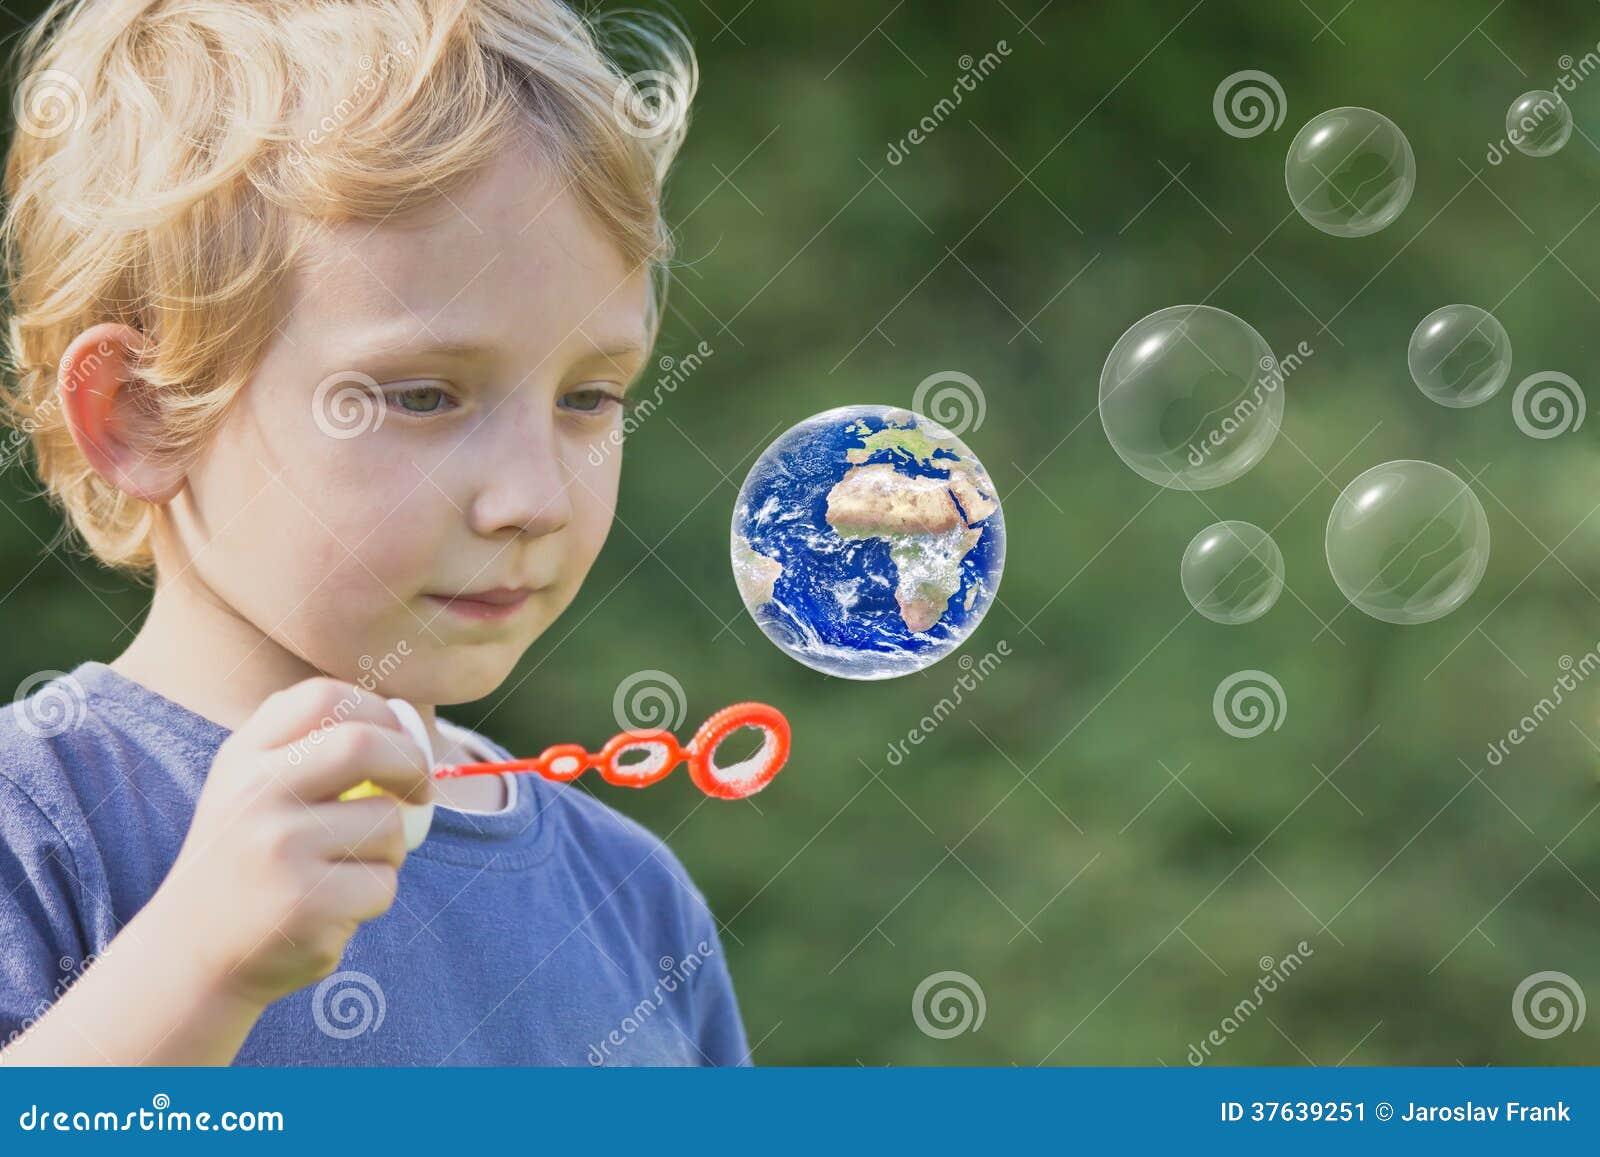 Le garçon blond caucasien joue avec des bulles de savon